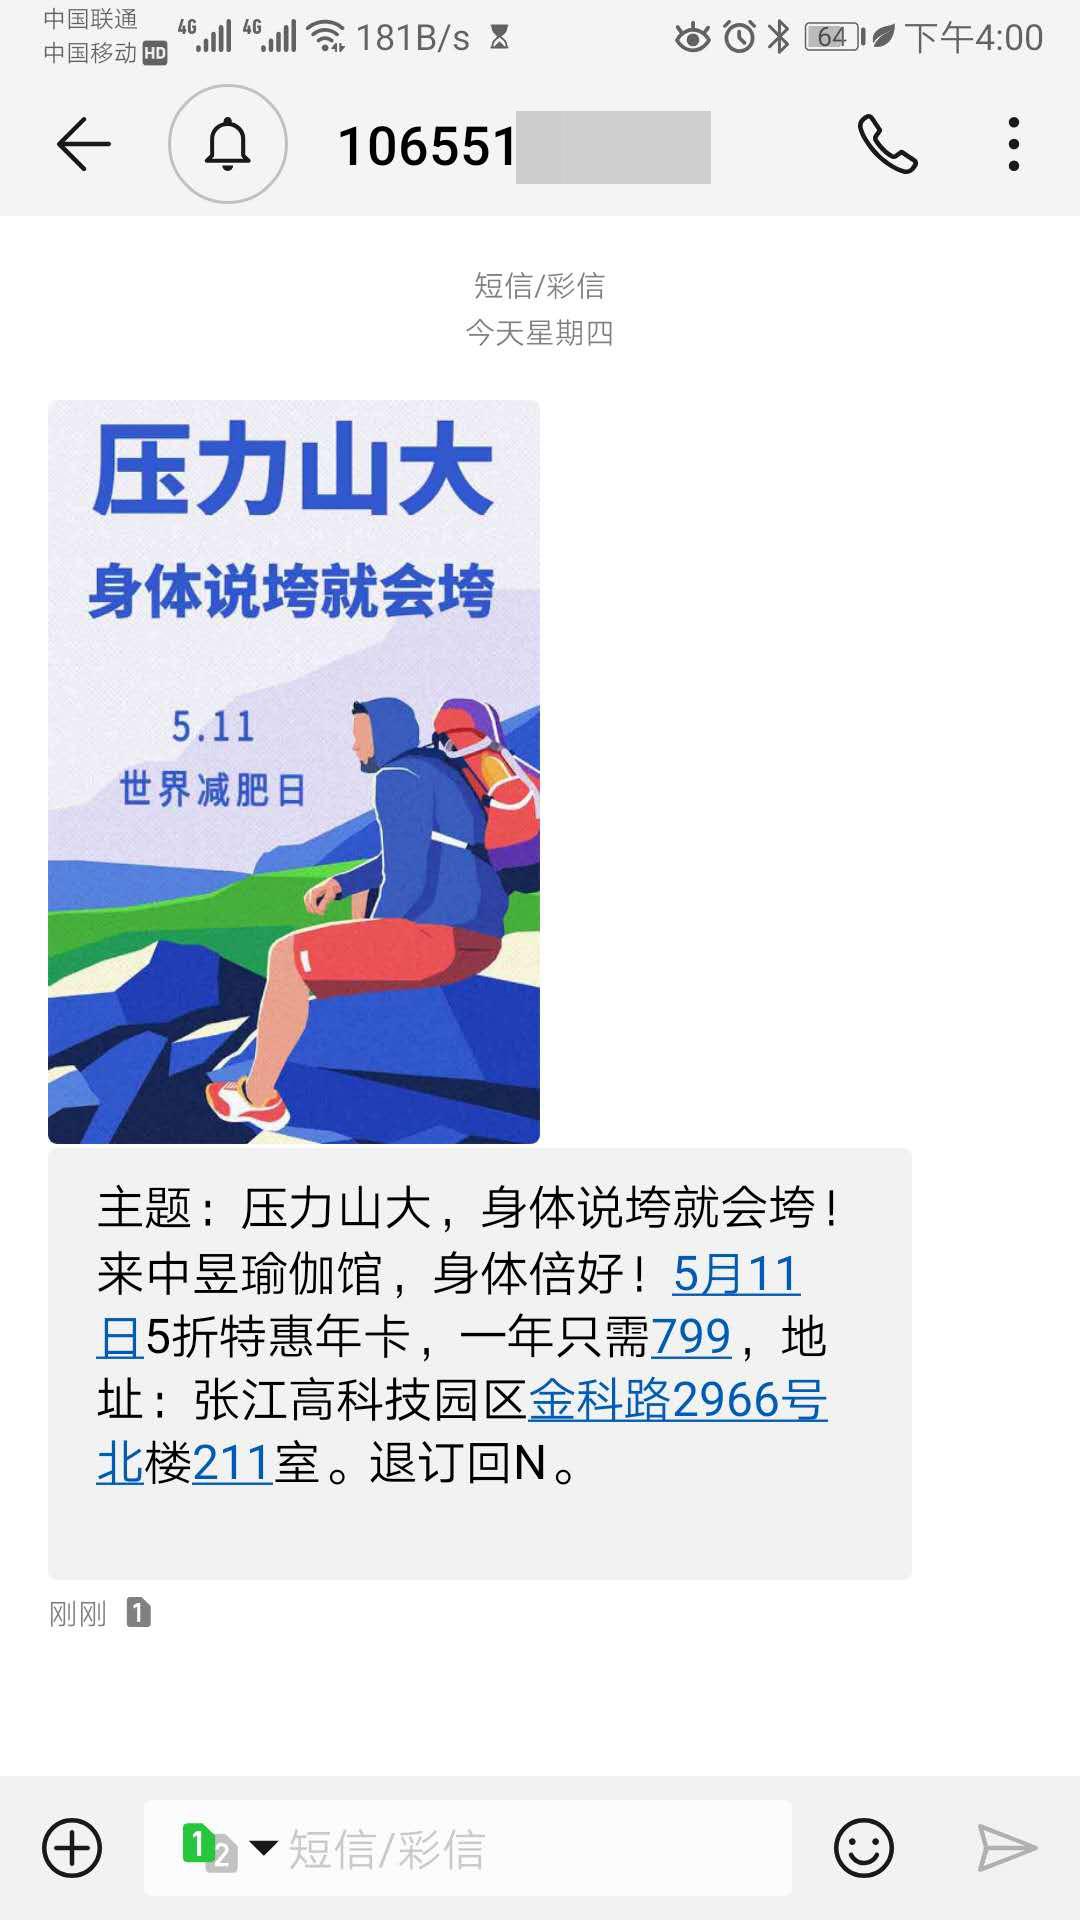 健身行业彩信接收案例.jpg